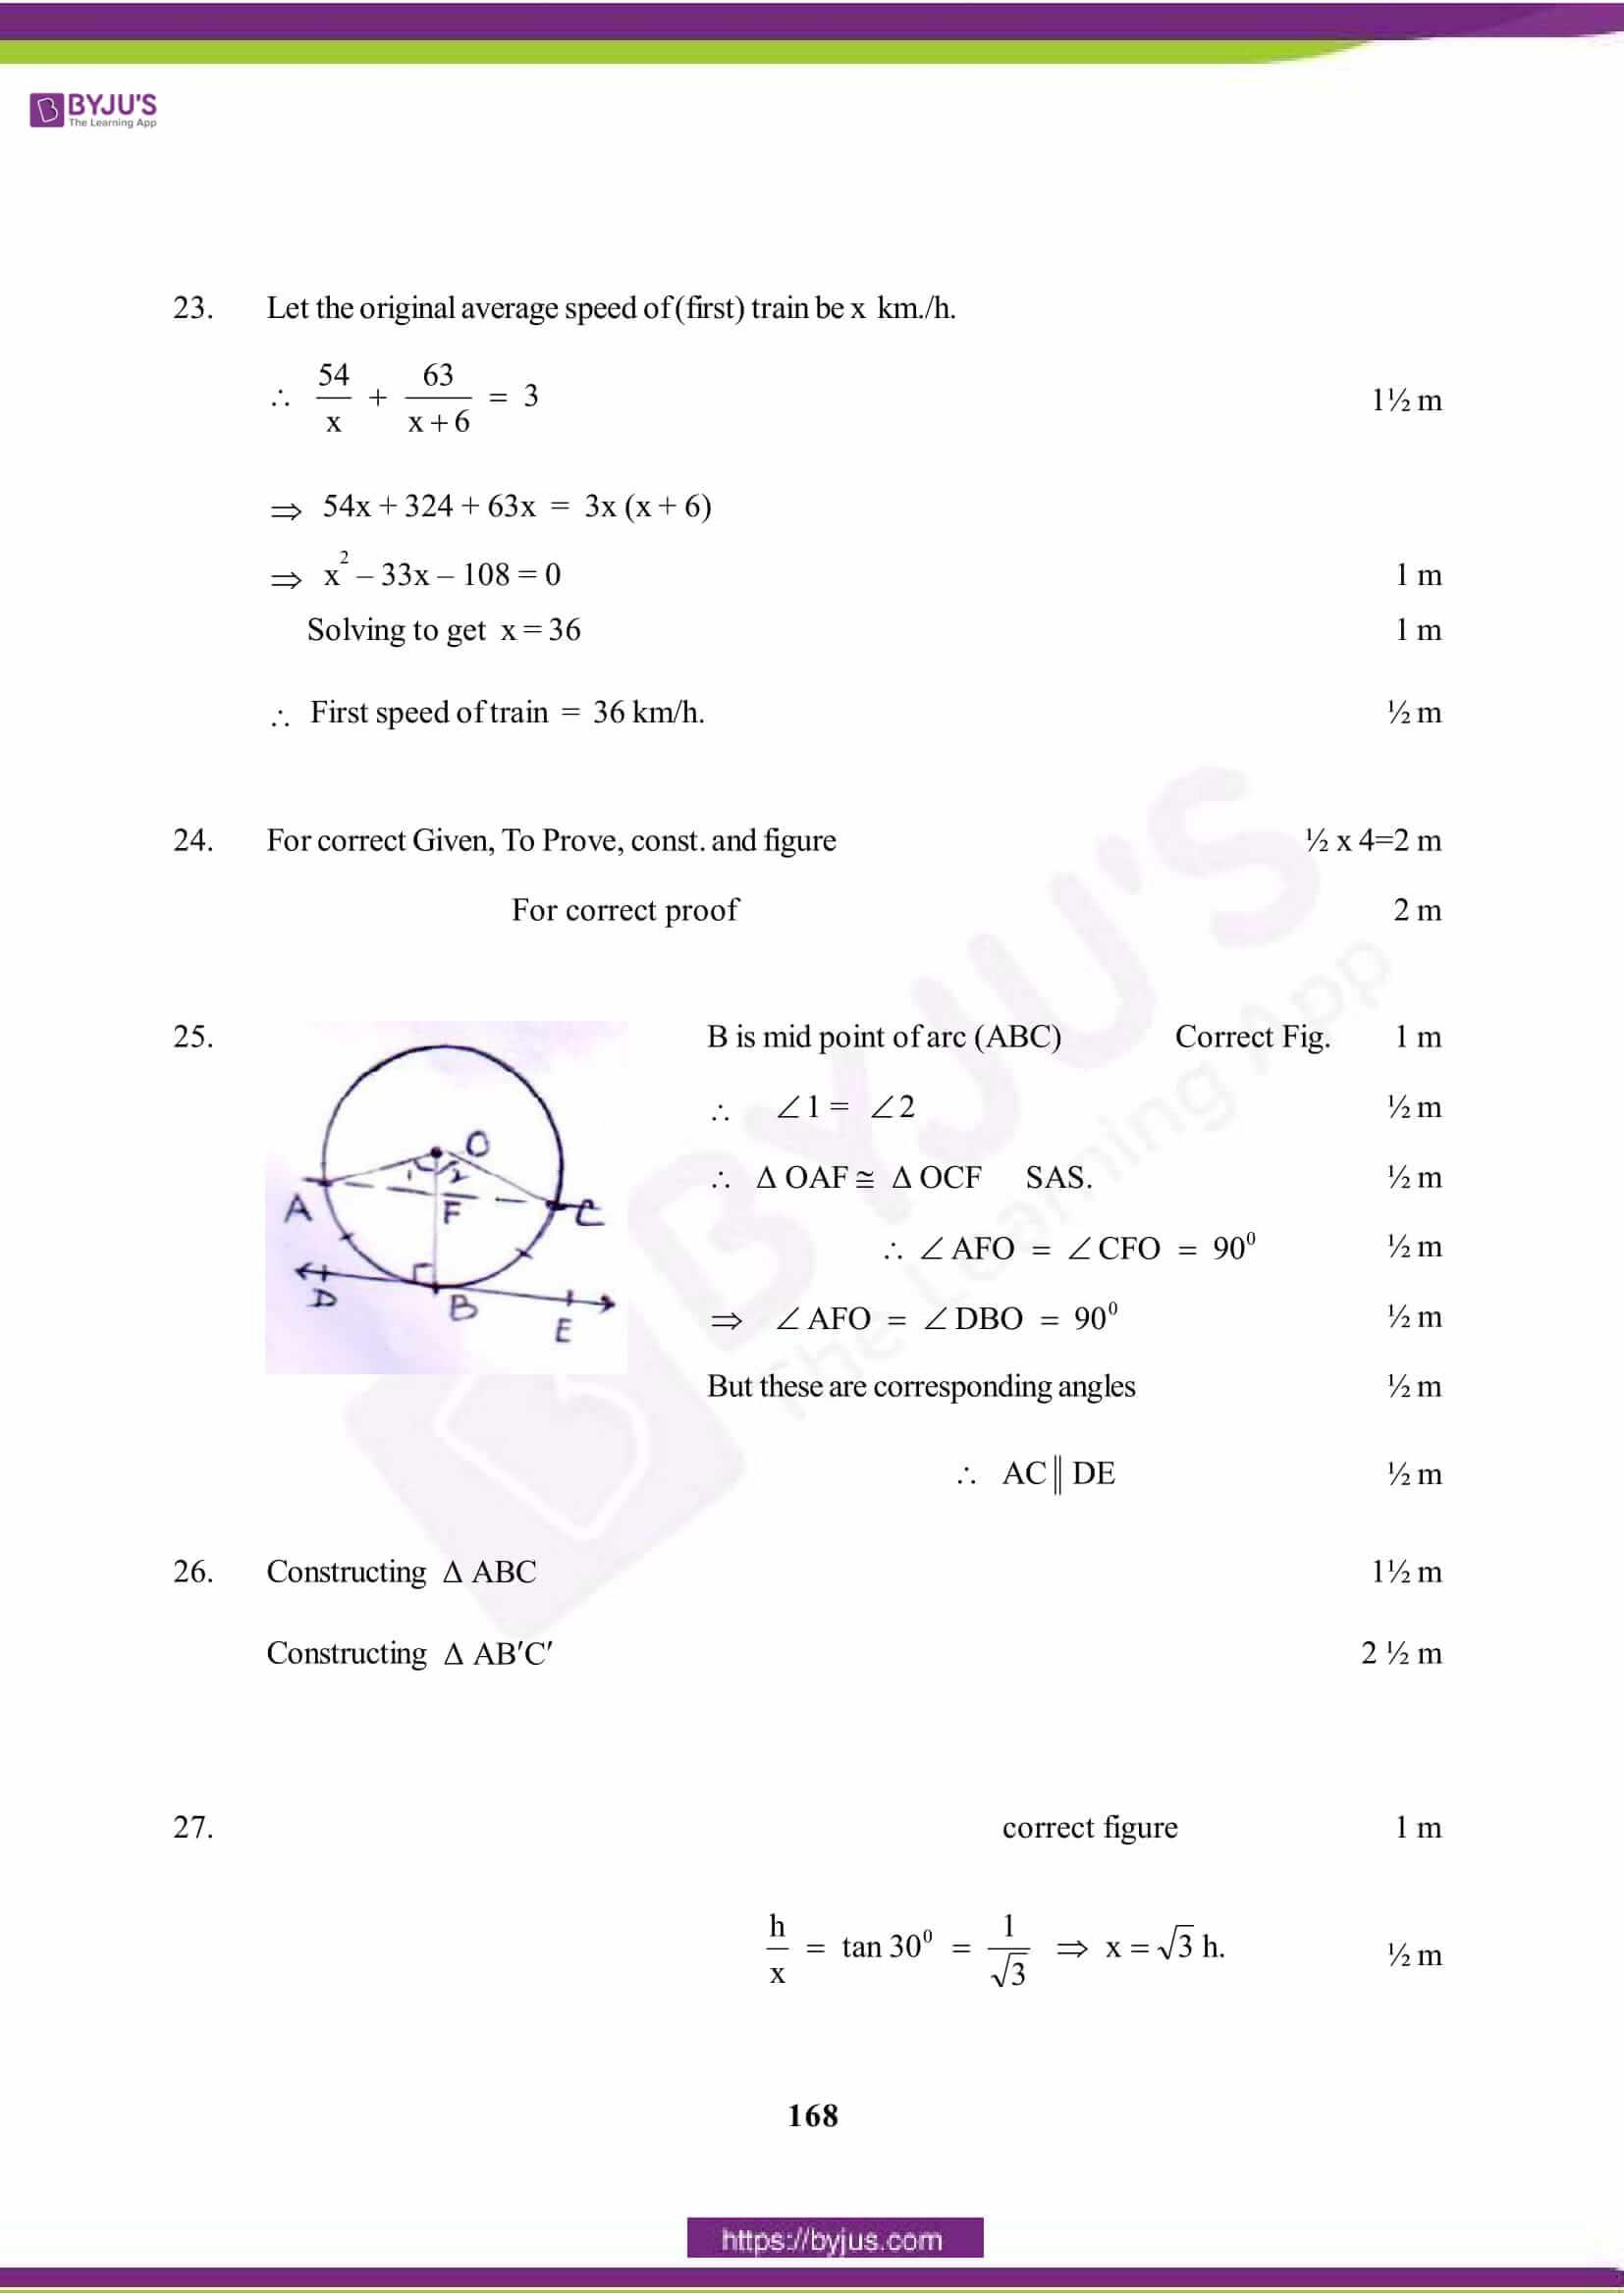 CBSE Class 10 Maths Solution PDF 2015 Set 1 7